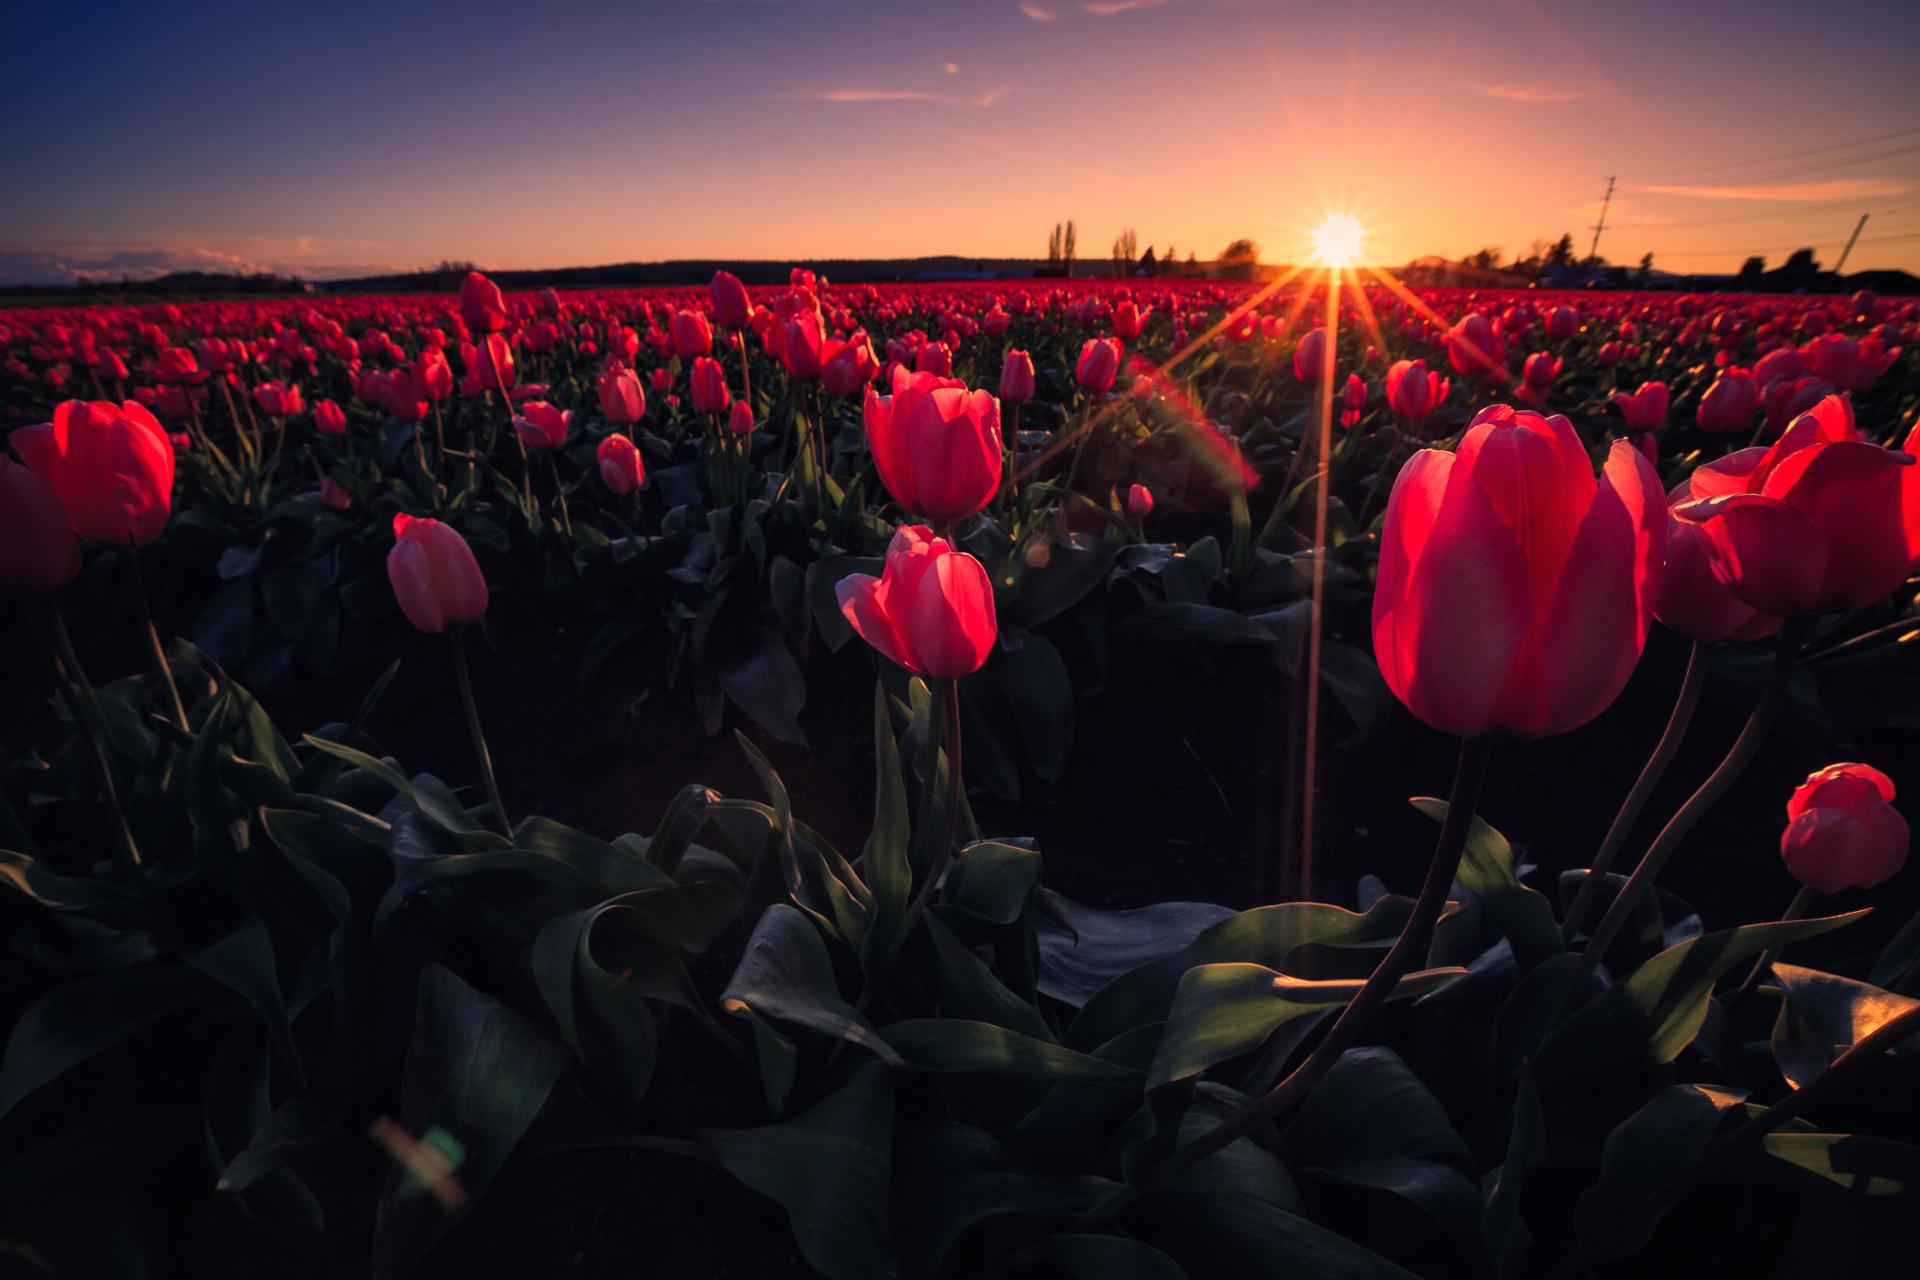 тюльпаны поляна закат  № 3285826 бесплатно